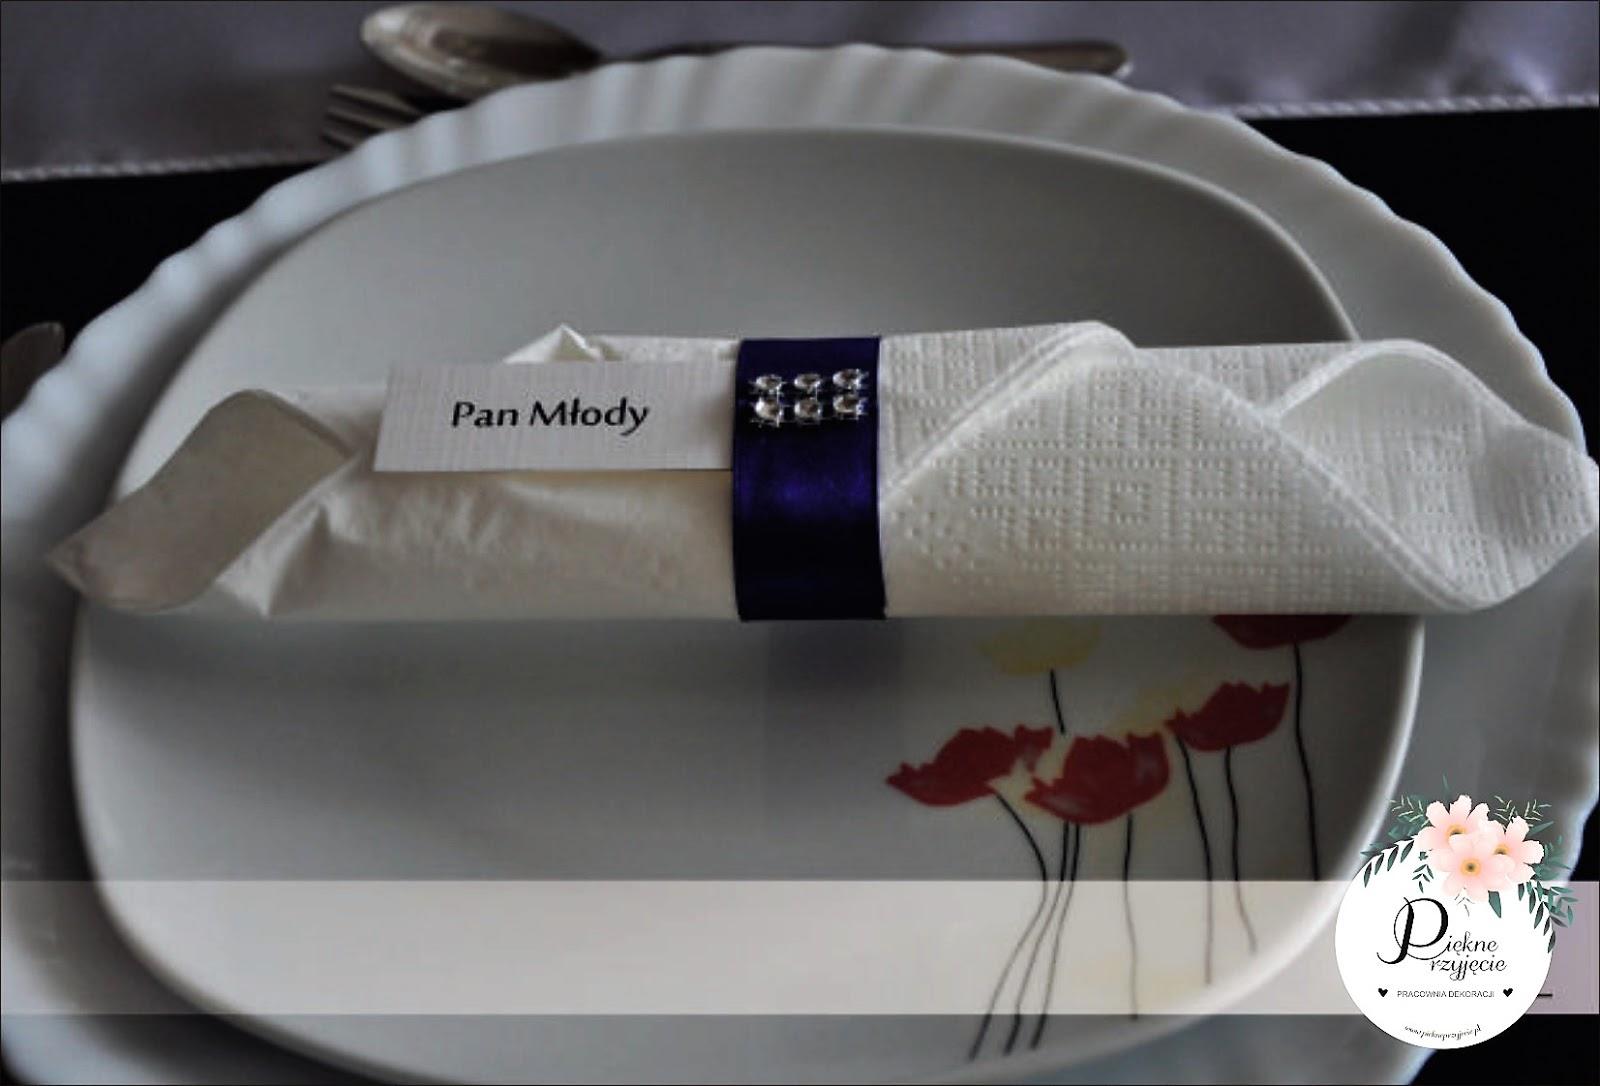 Winietki na stół, razem z serwetką.